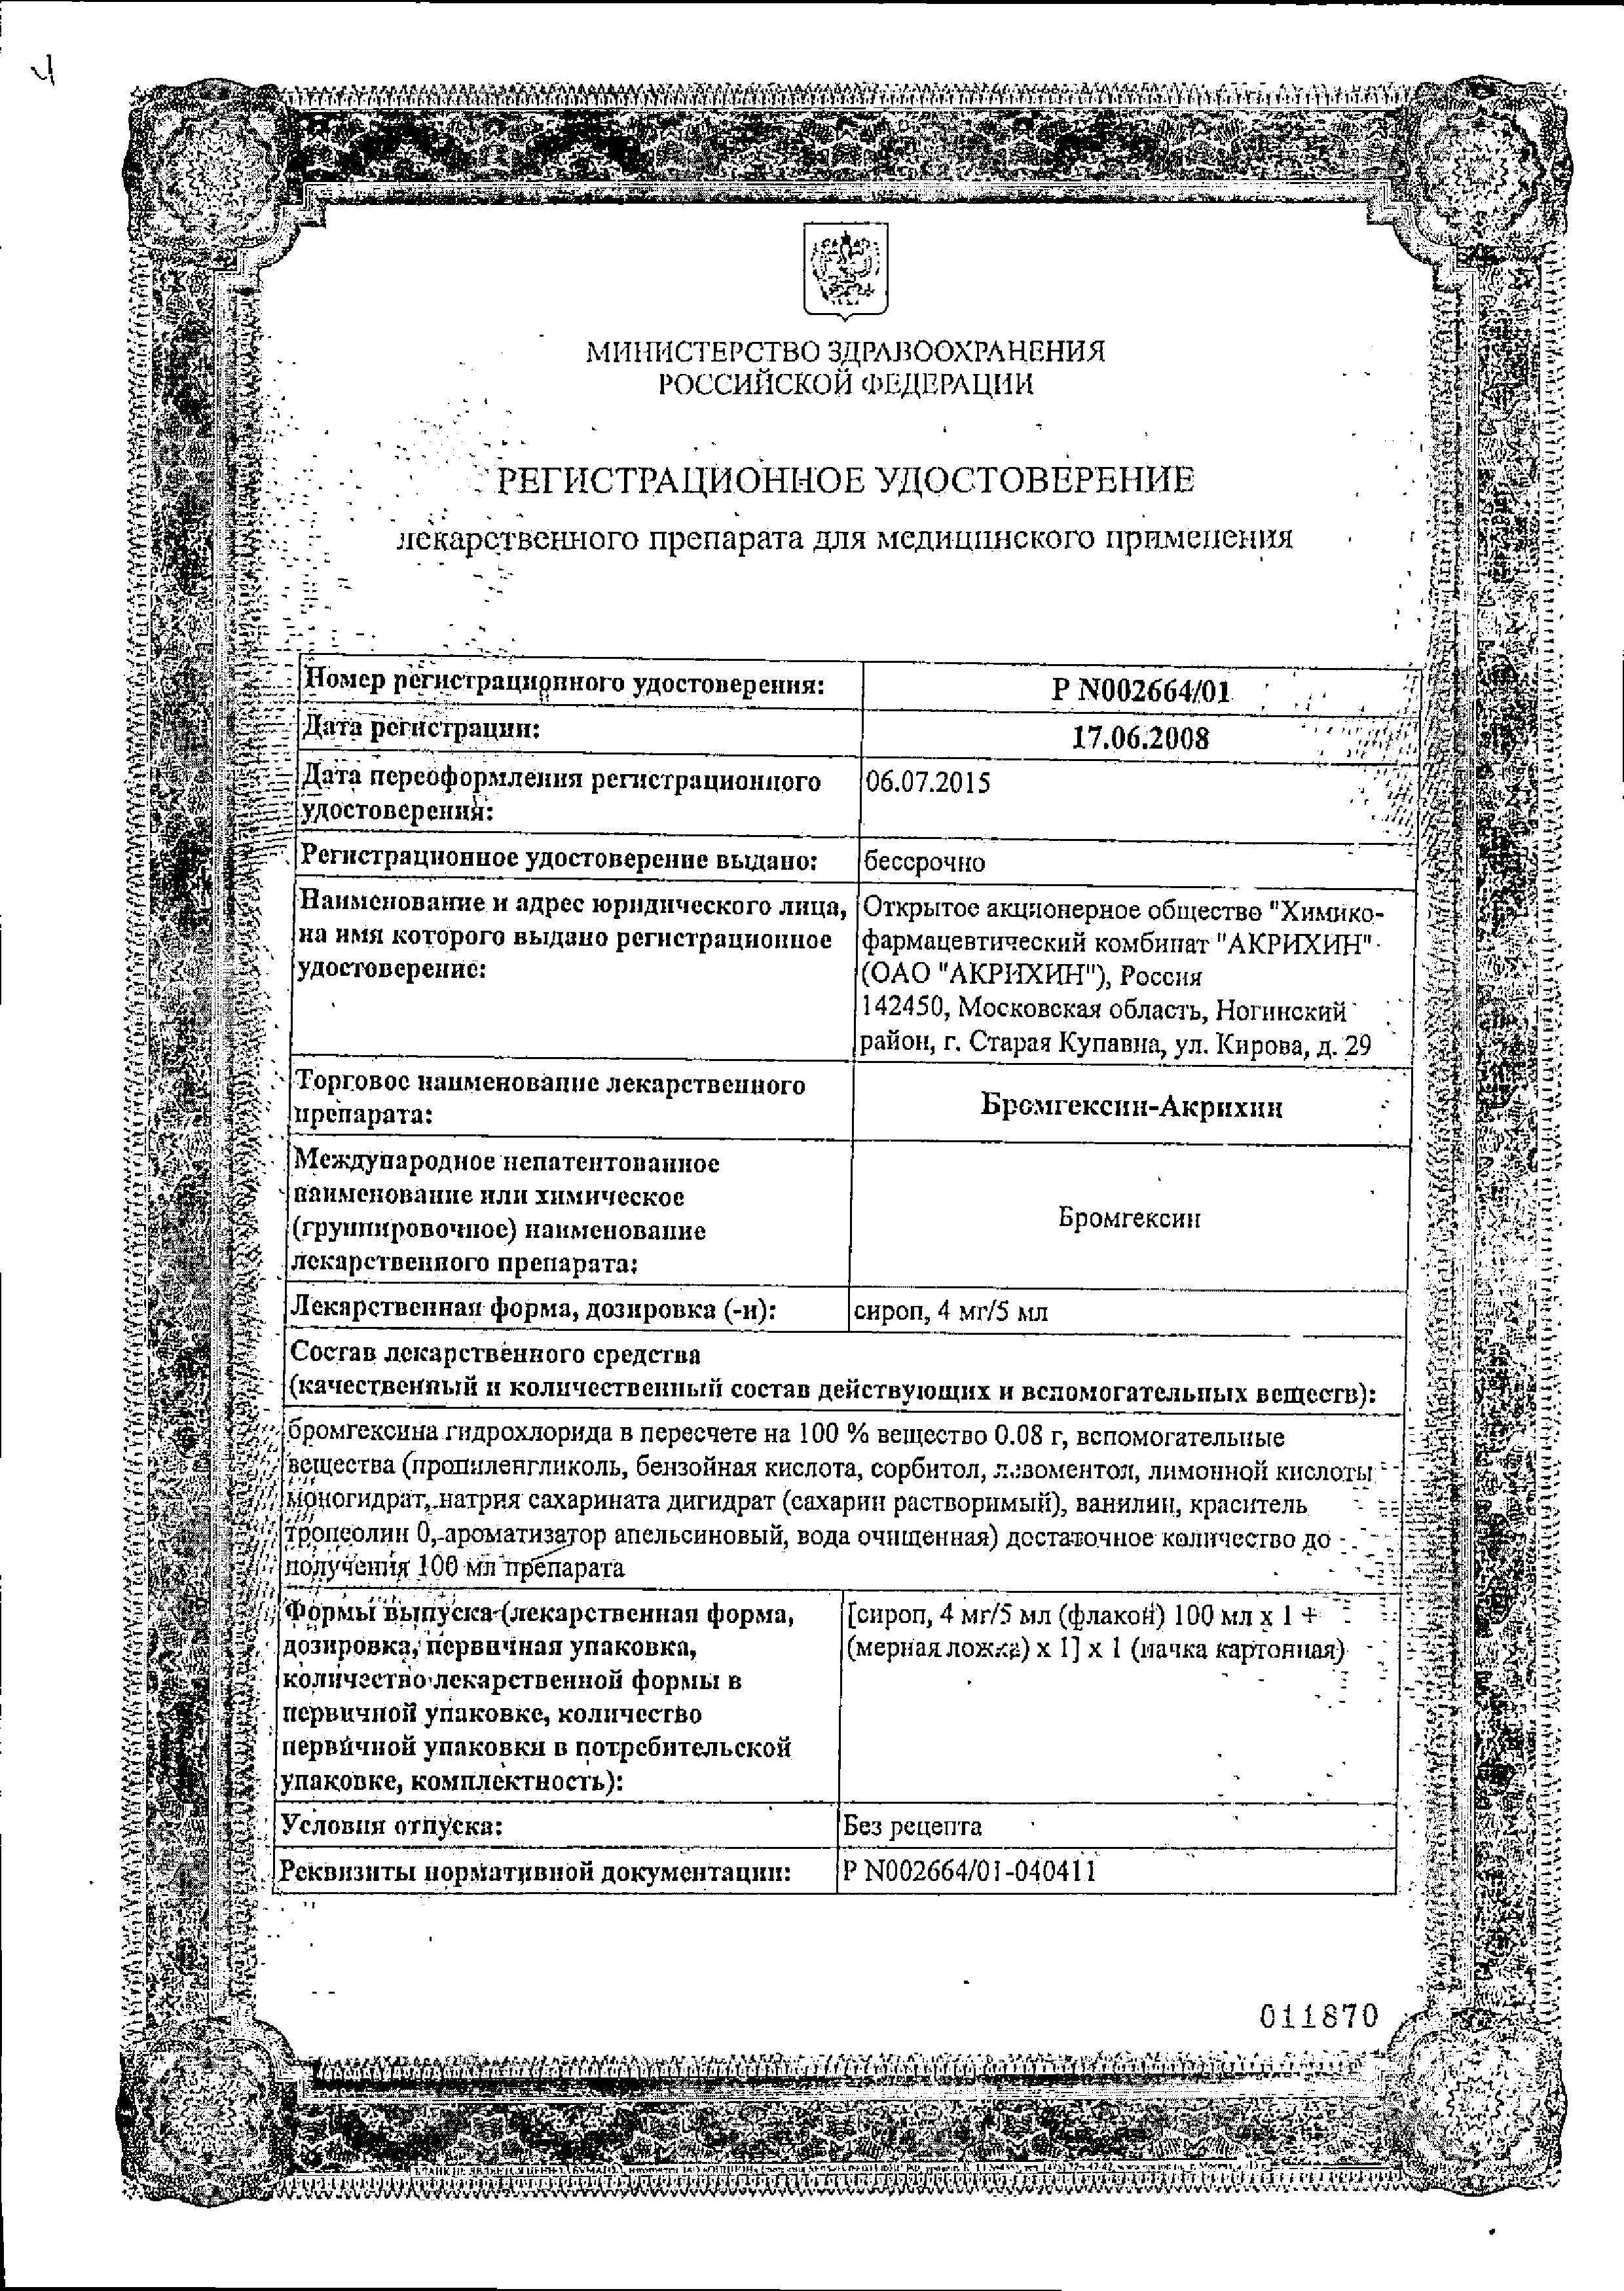 Бромгексин-Акрихин сертификат